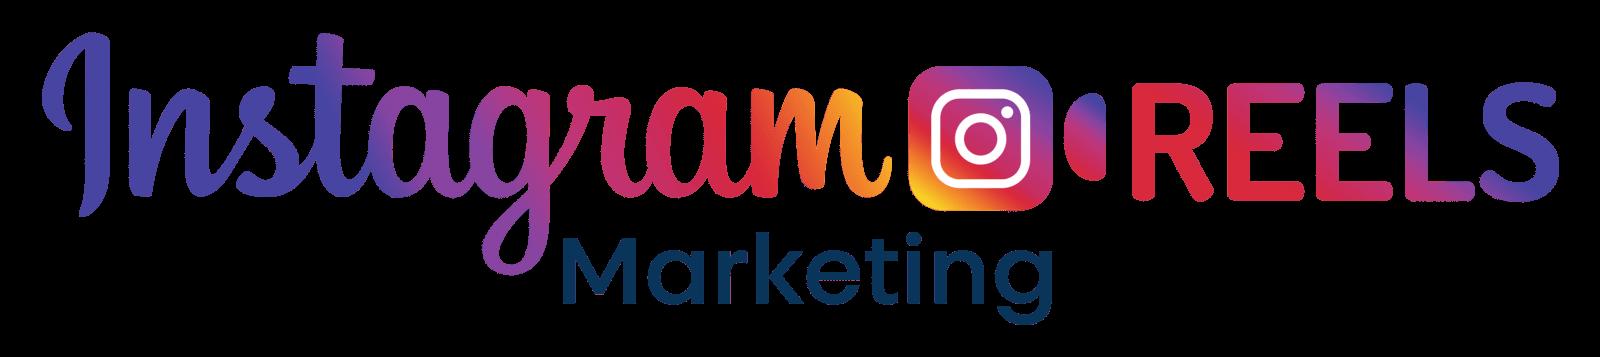 Instagram Reels Marketing Review – Deep Analysis [2020]